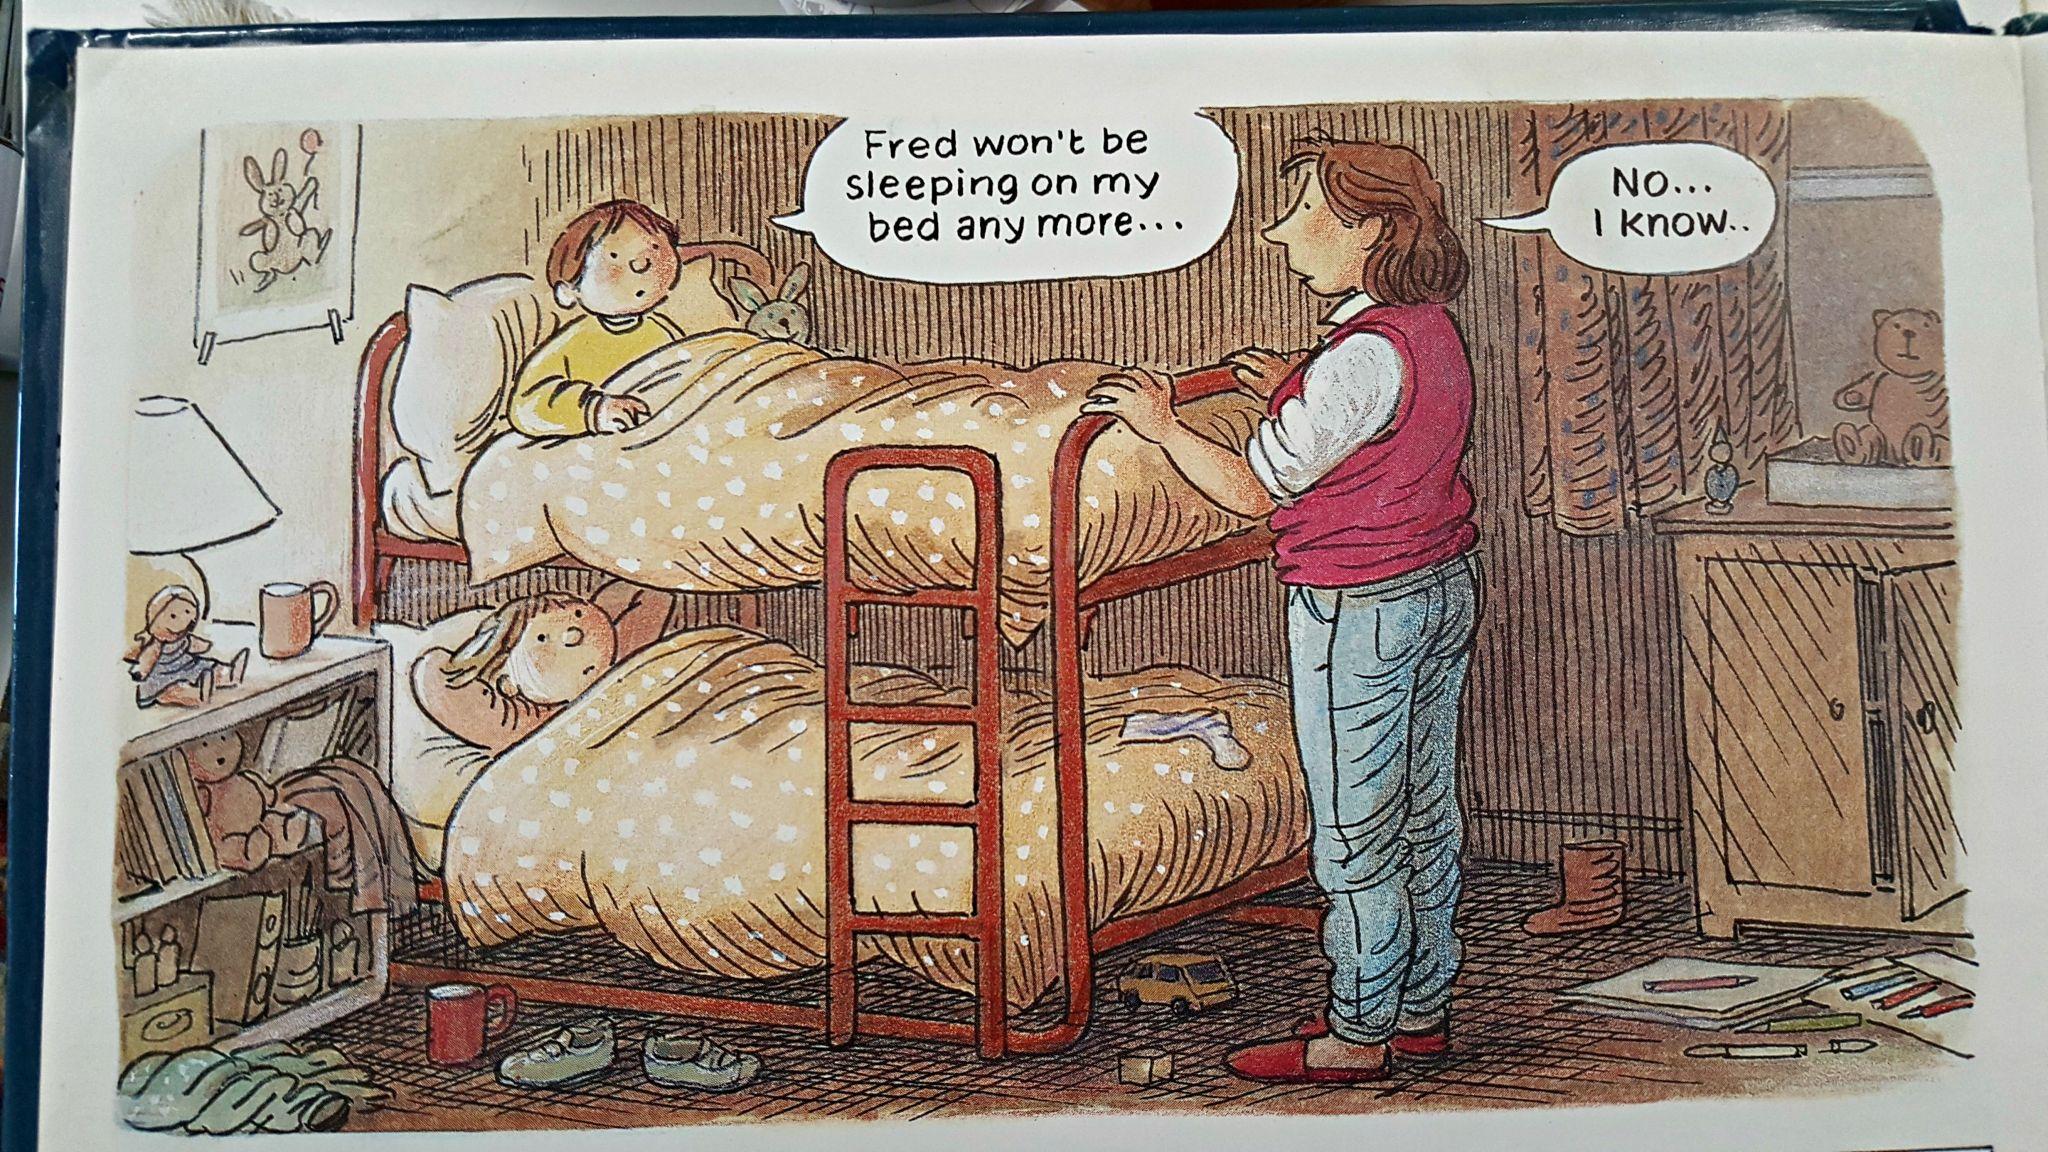 Mum tucks in children at bedtime